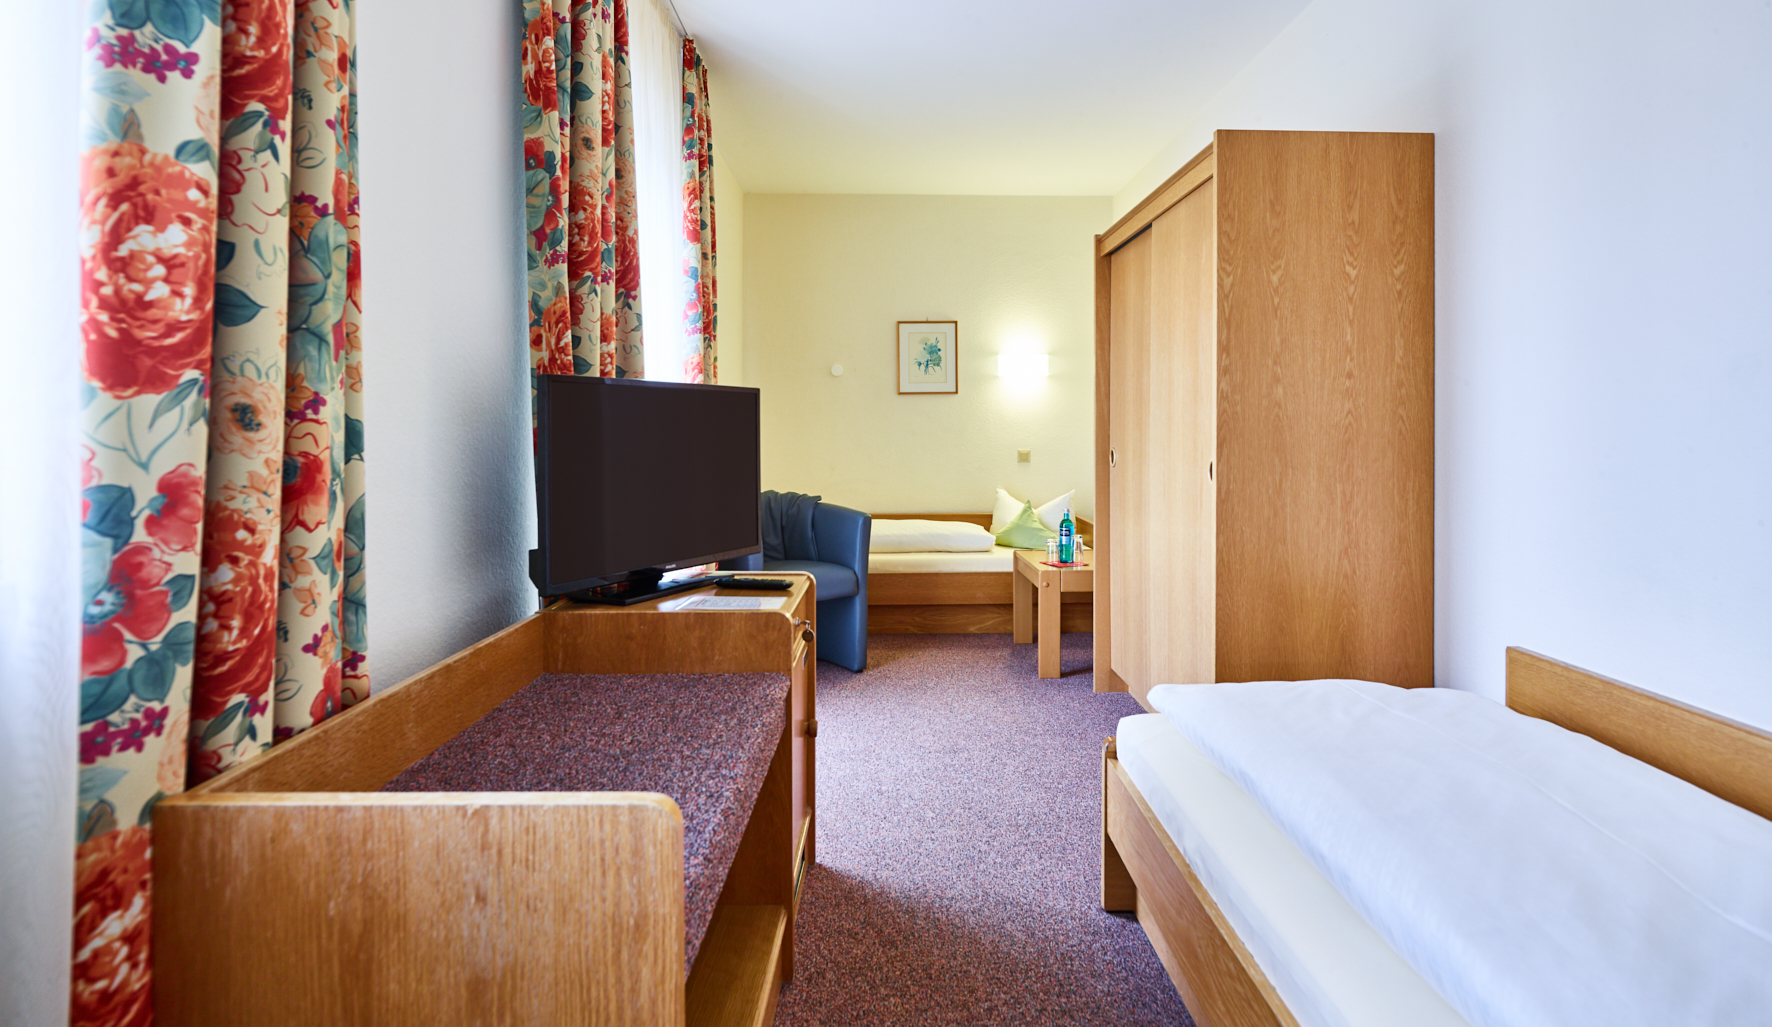 Zimmer Familienzimmer In Rothenburg Ob Der Tauber Hotel Merian In